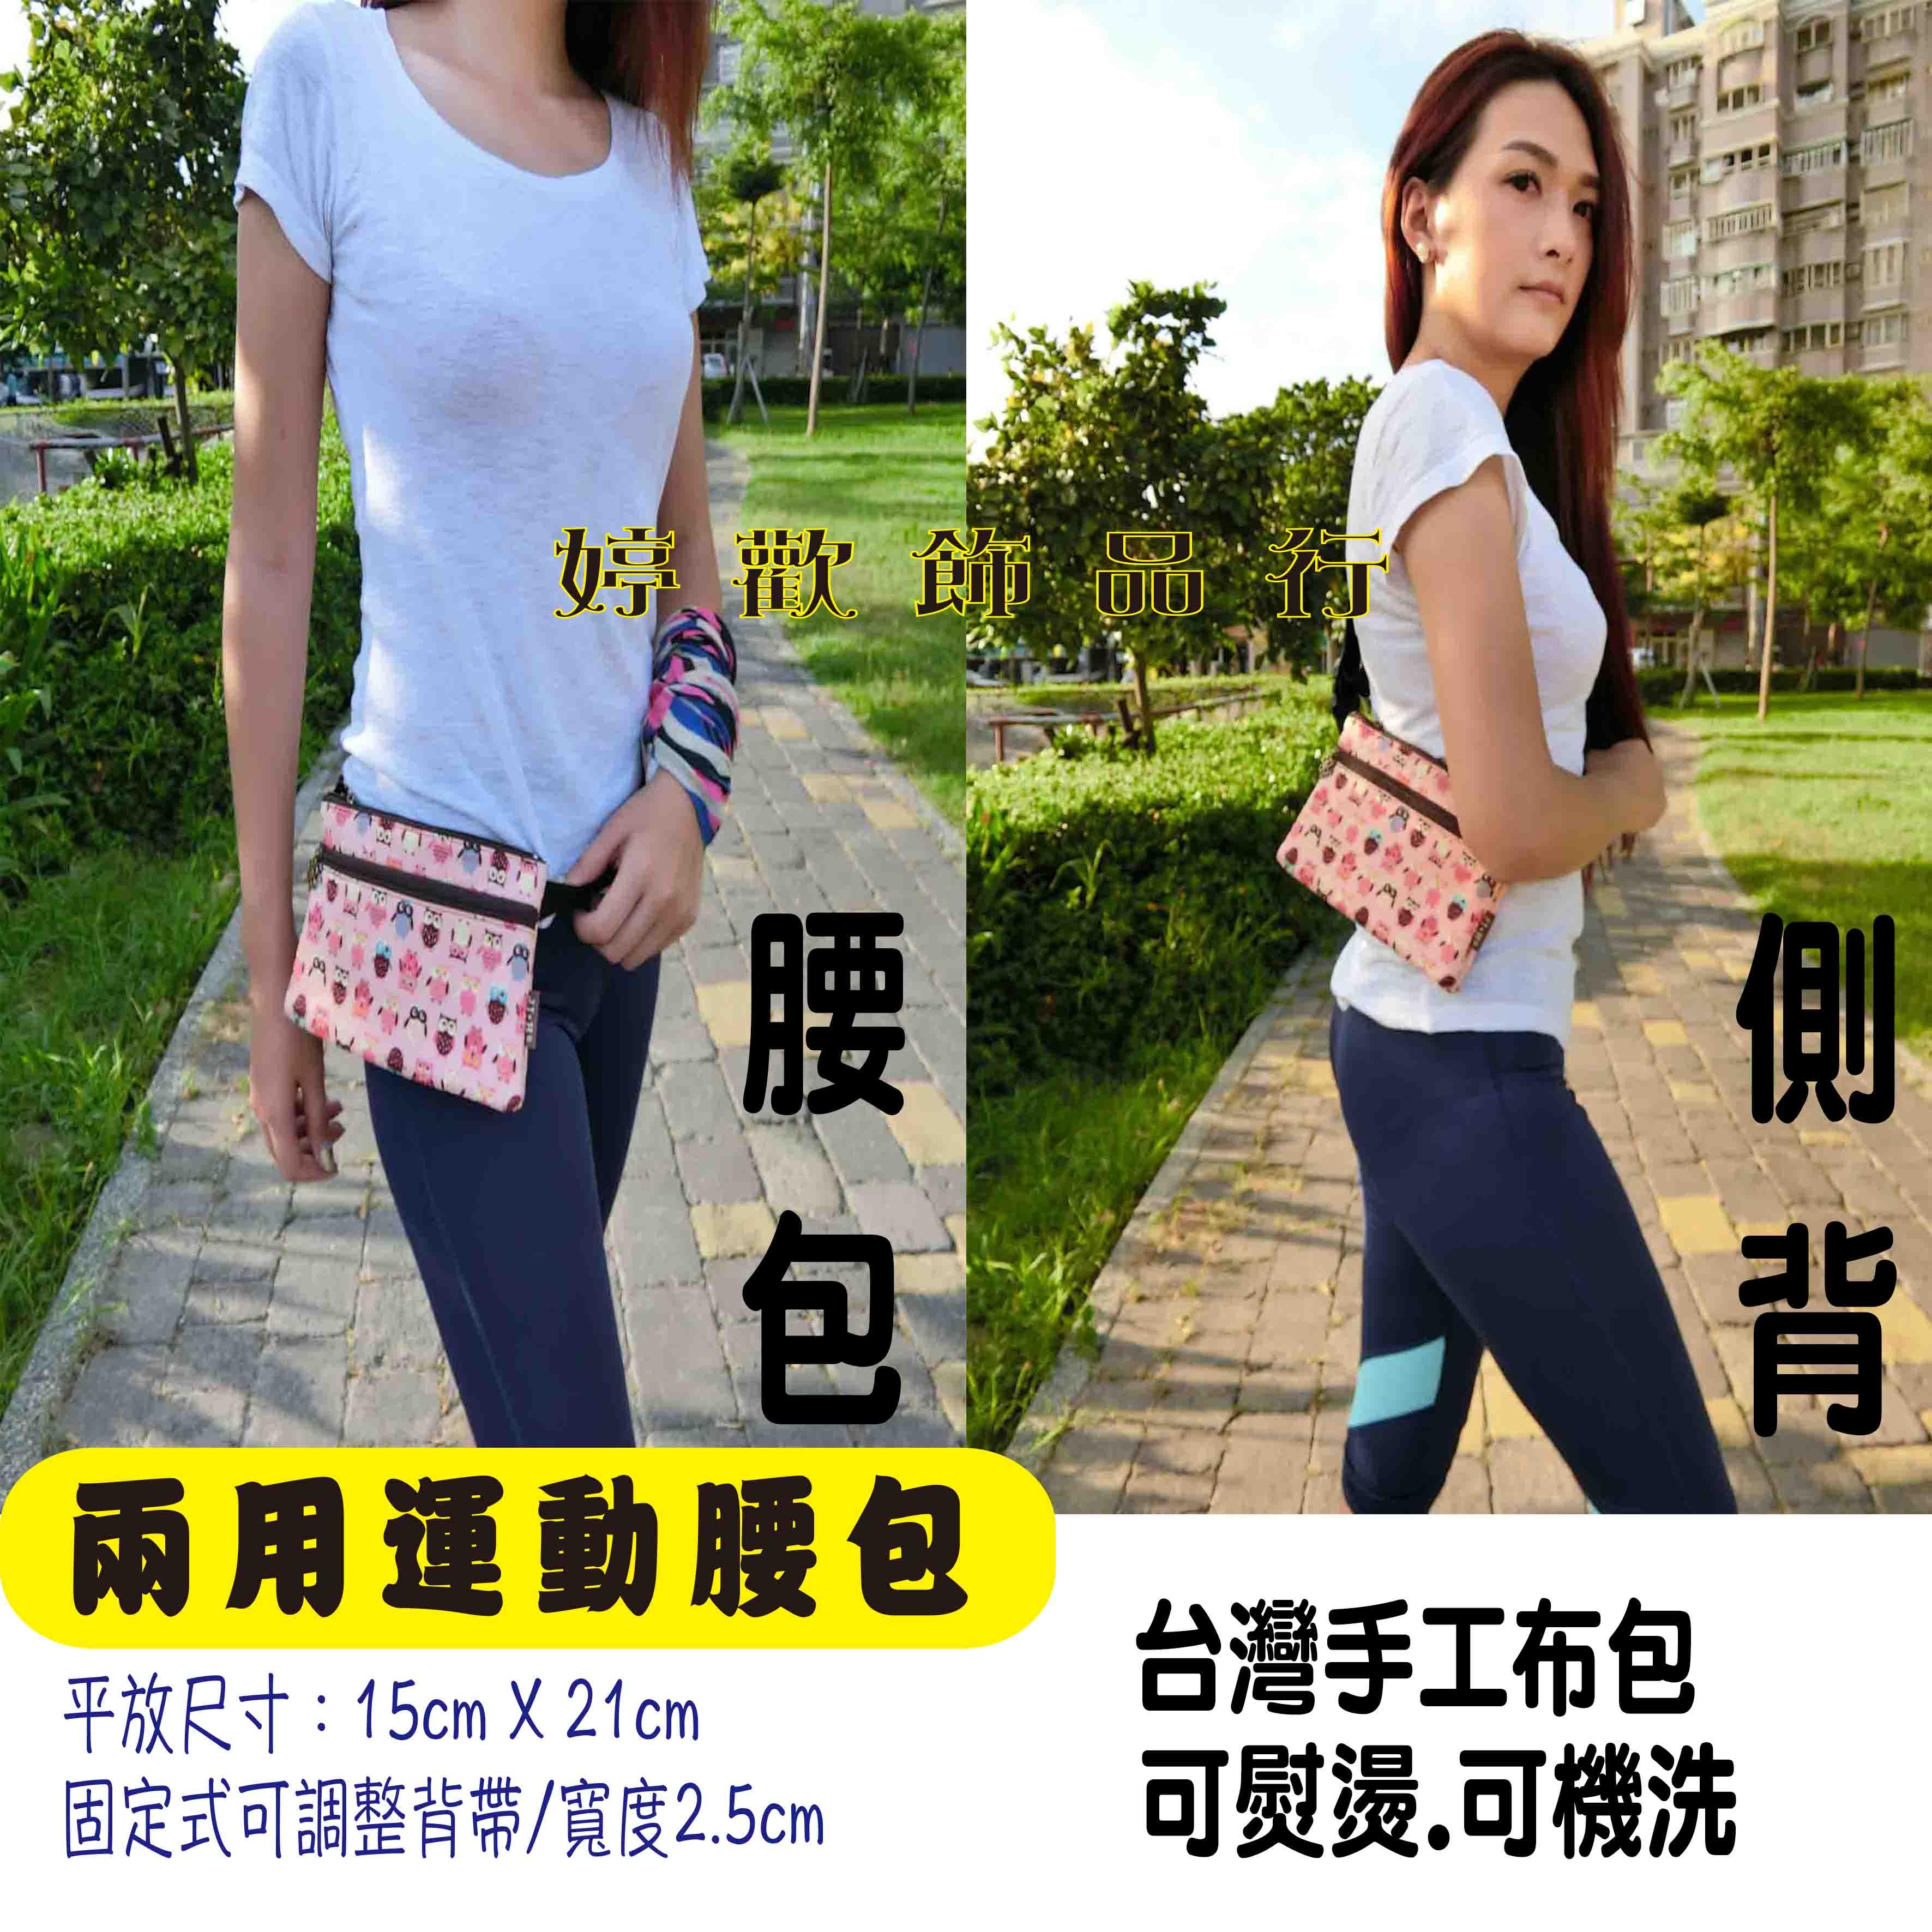 兩用運動腰包/側背包/台灣手工/線條貓